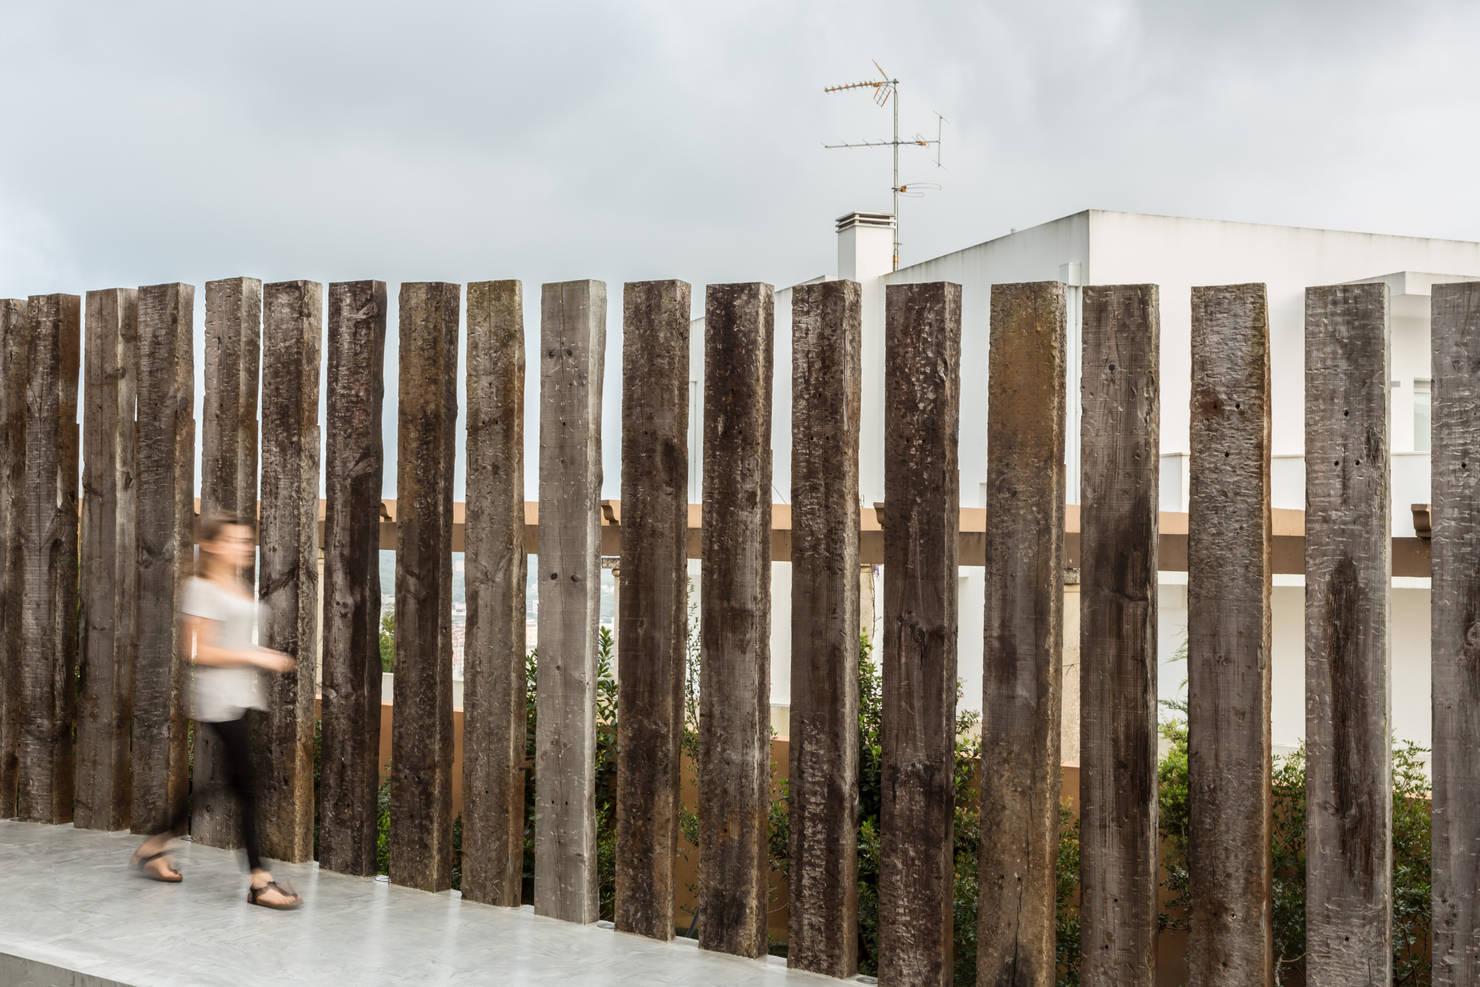 такие забор из шпал фото нягани